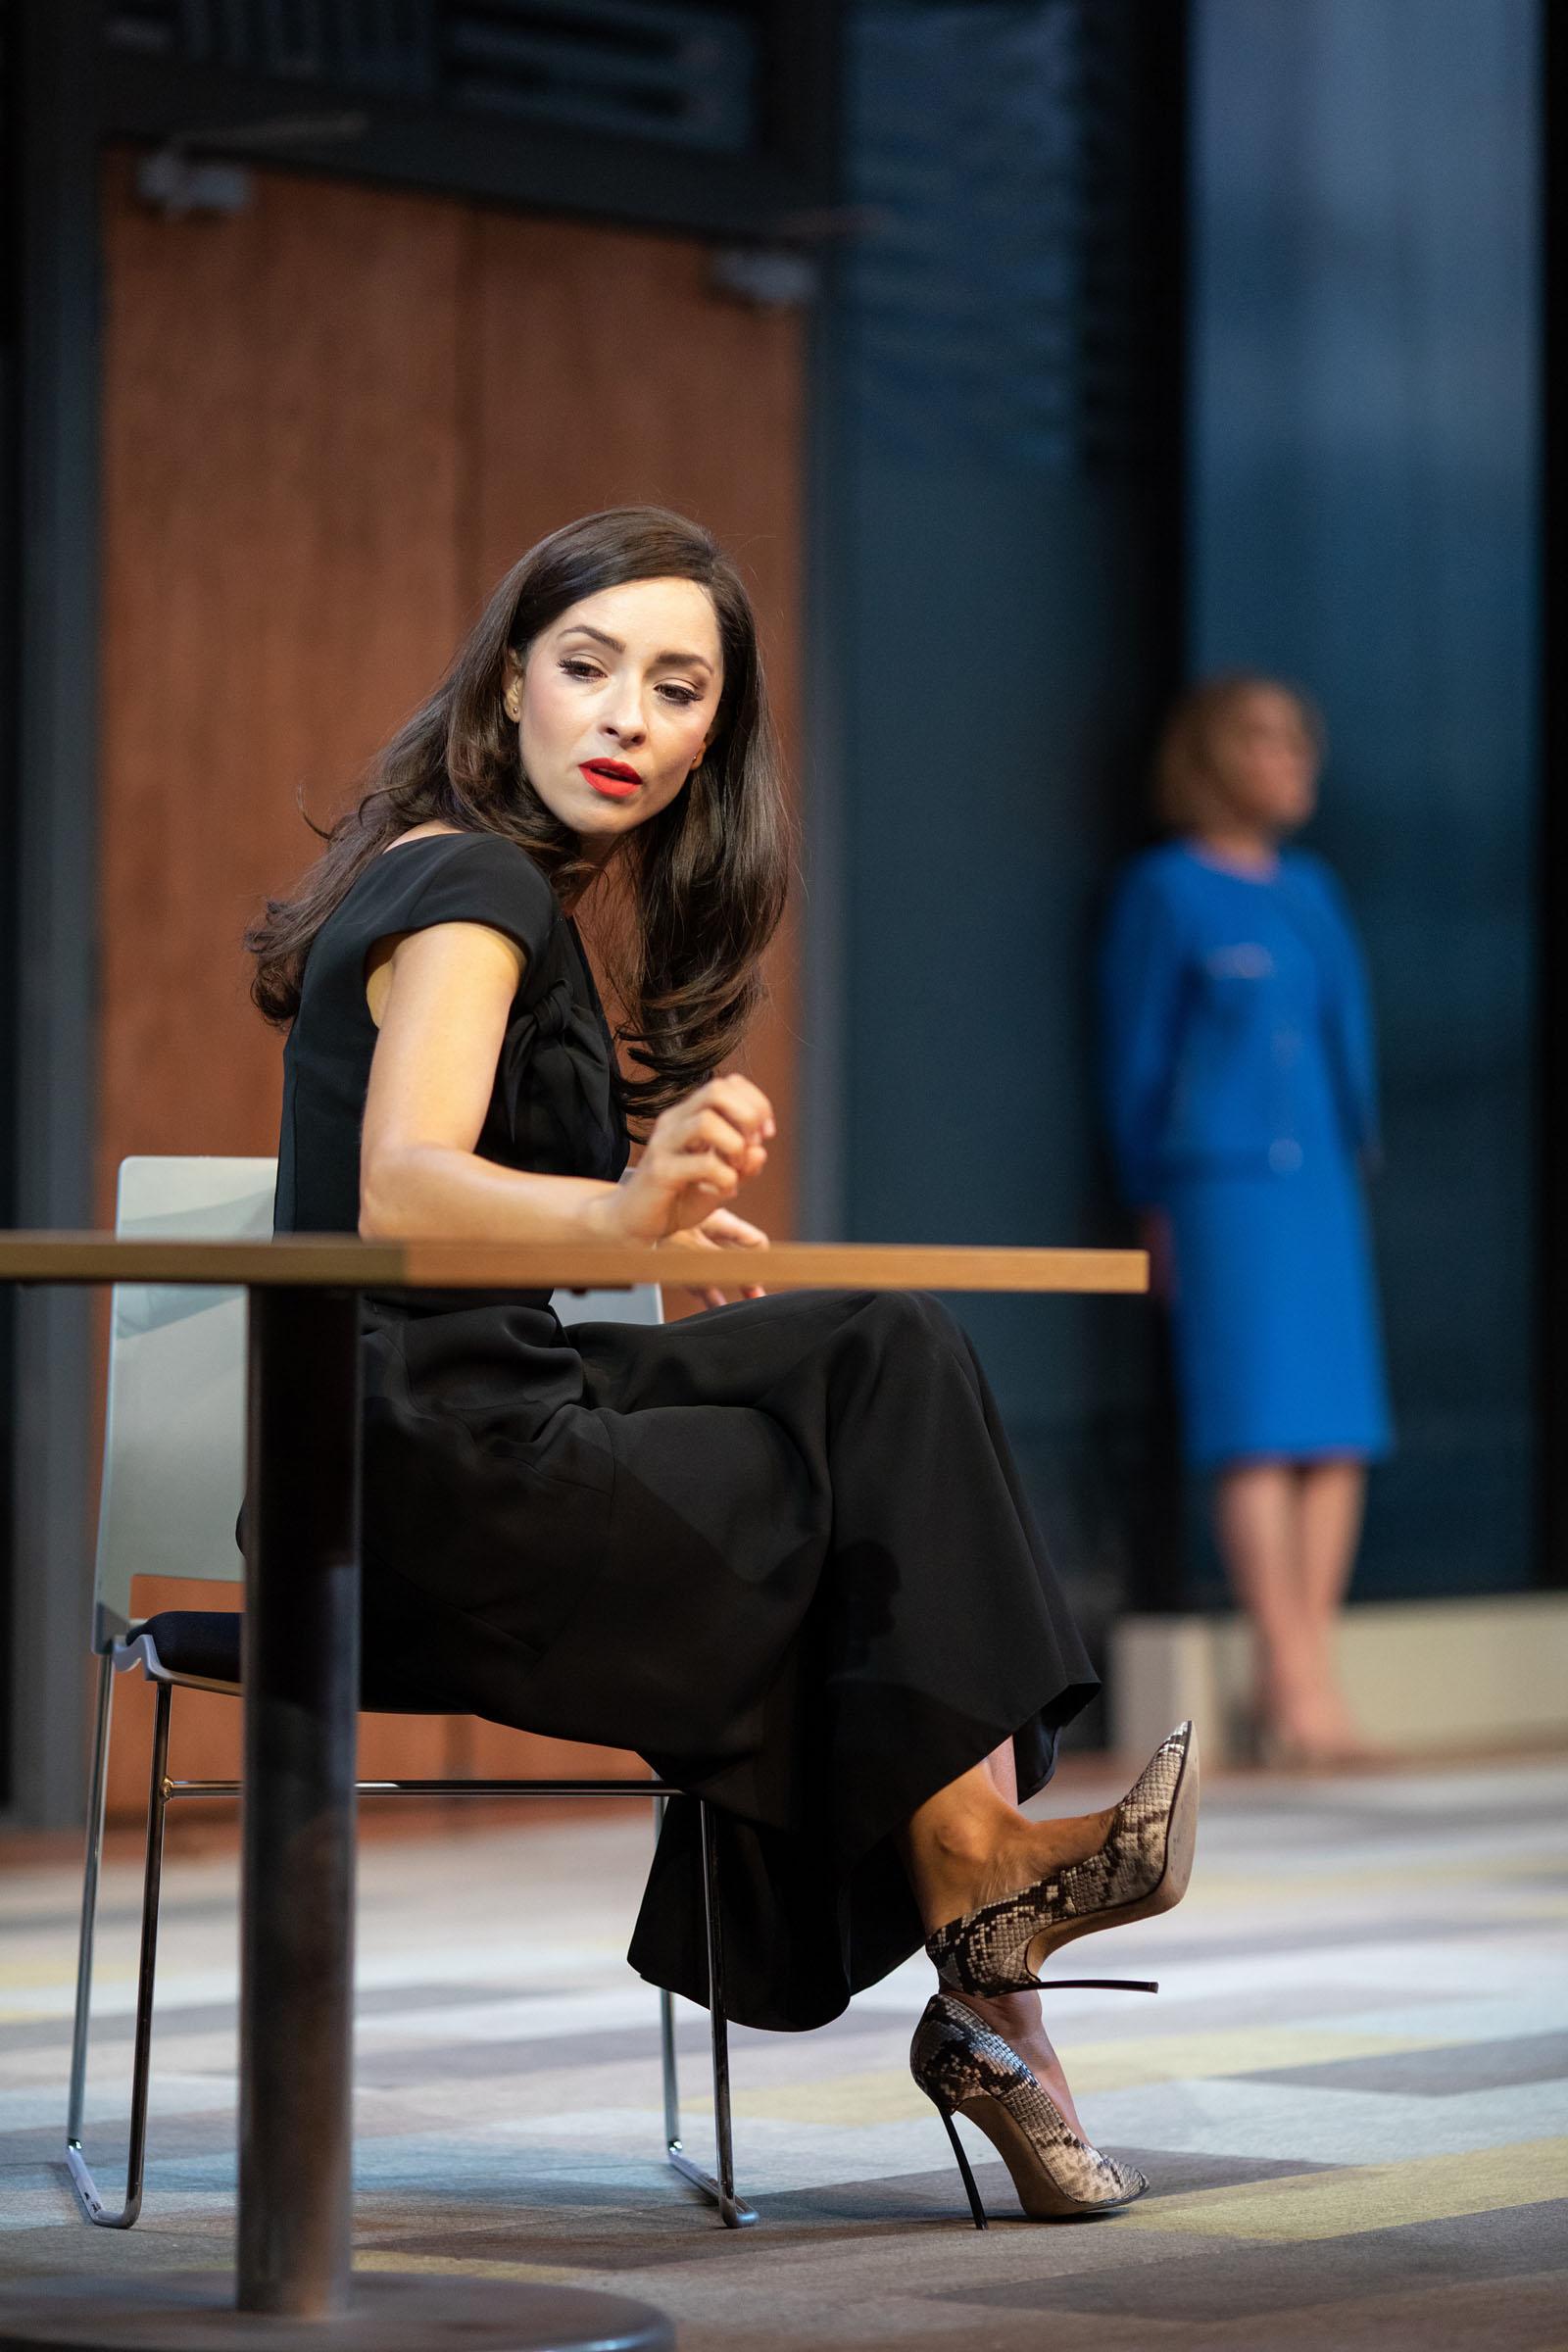 Zrinka Cvitešić as Sophia